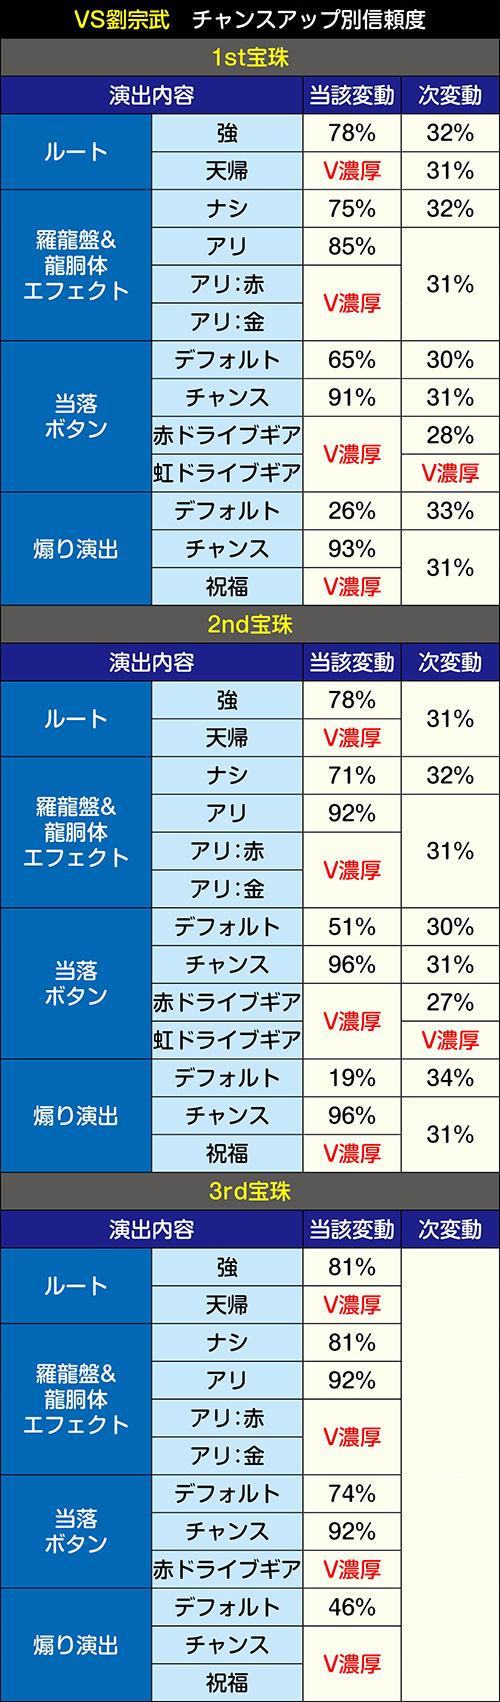 VS劉宗武・チャンスアップパターン別信頼度